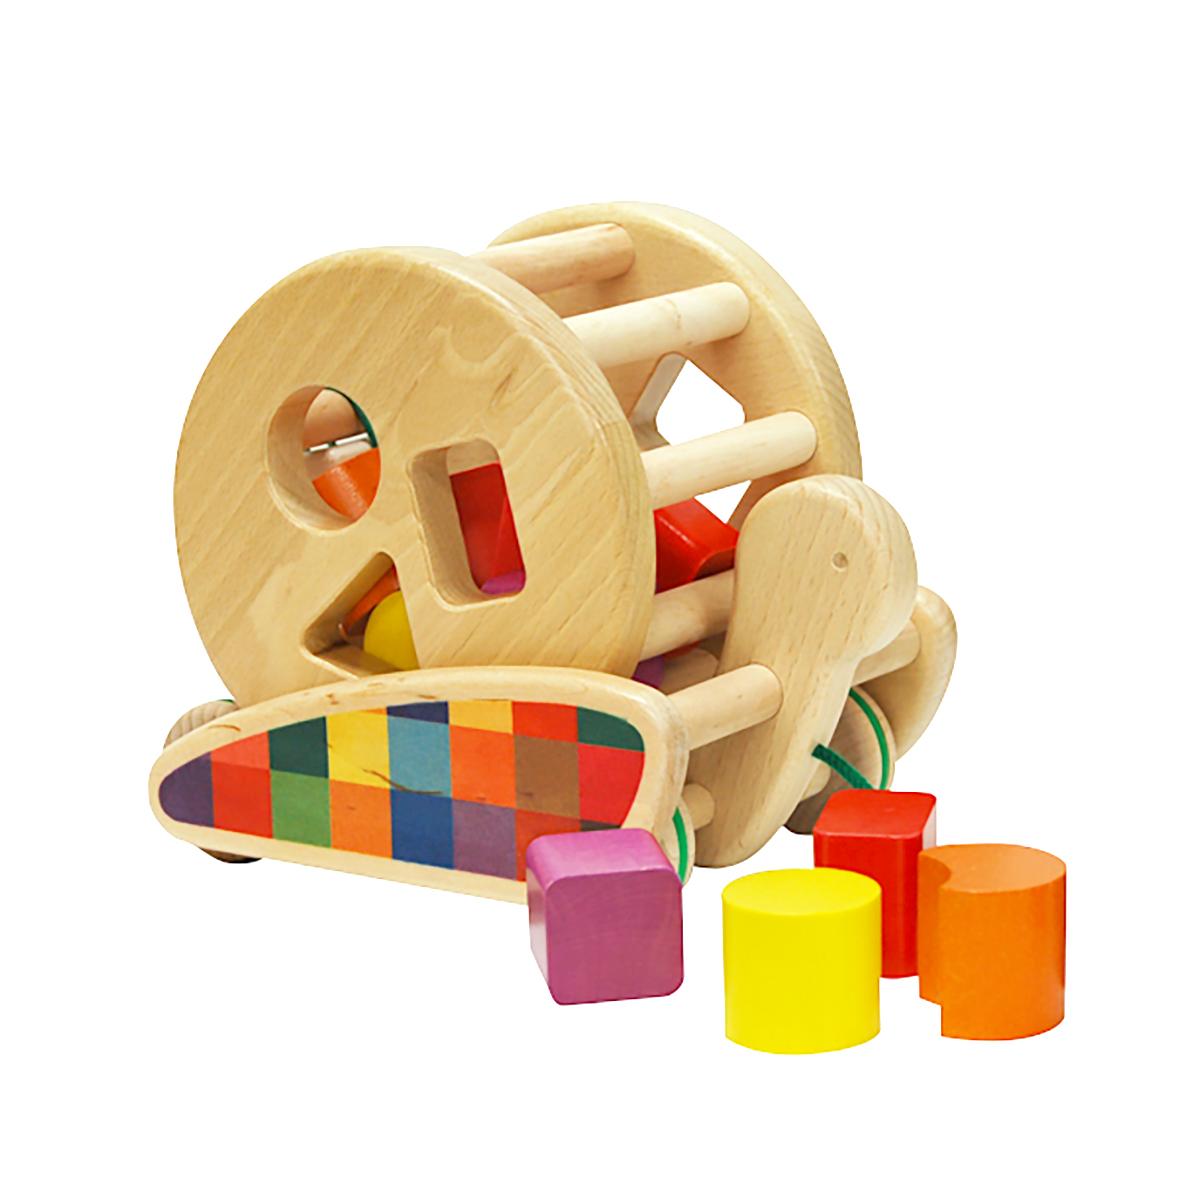 お部屋も春めく「ポーランド・バヨ社の木製遊具」のご紹介